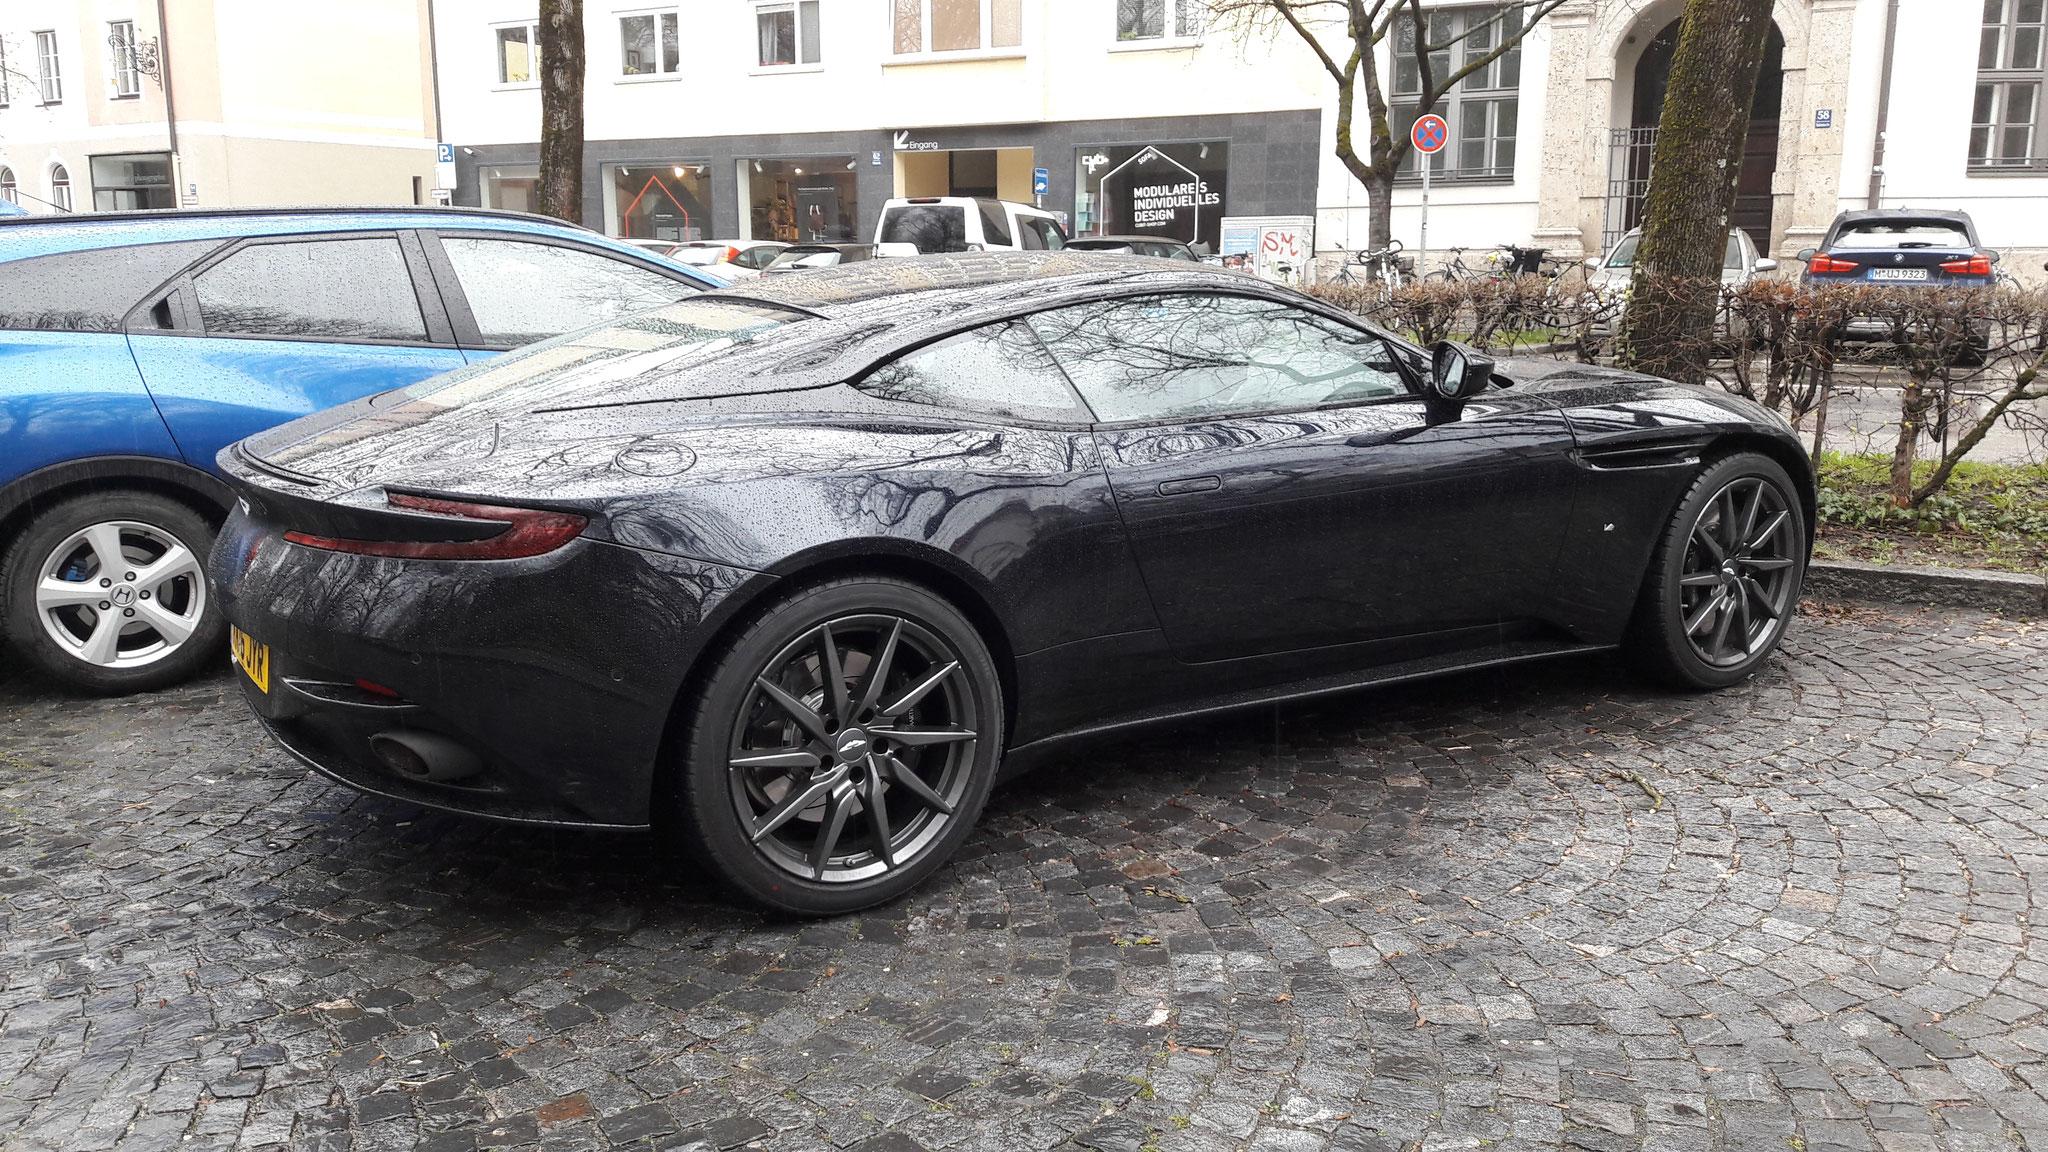 Aston Martin DB11 - KK16-JYR (GB)